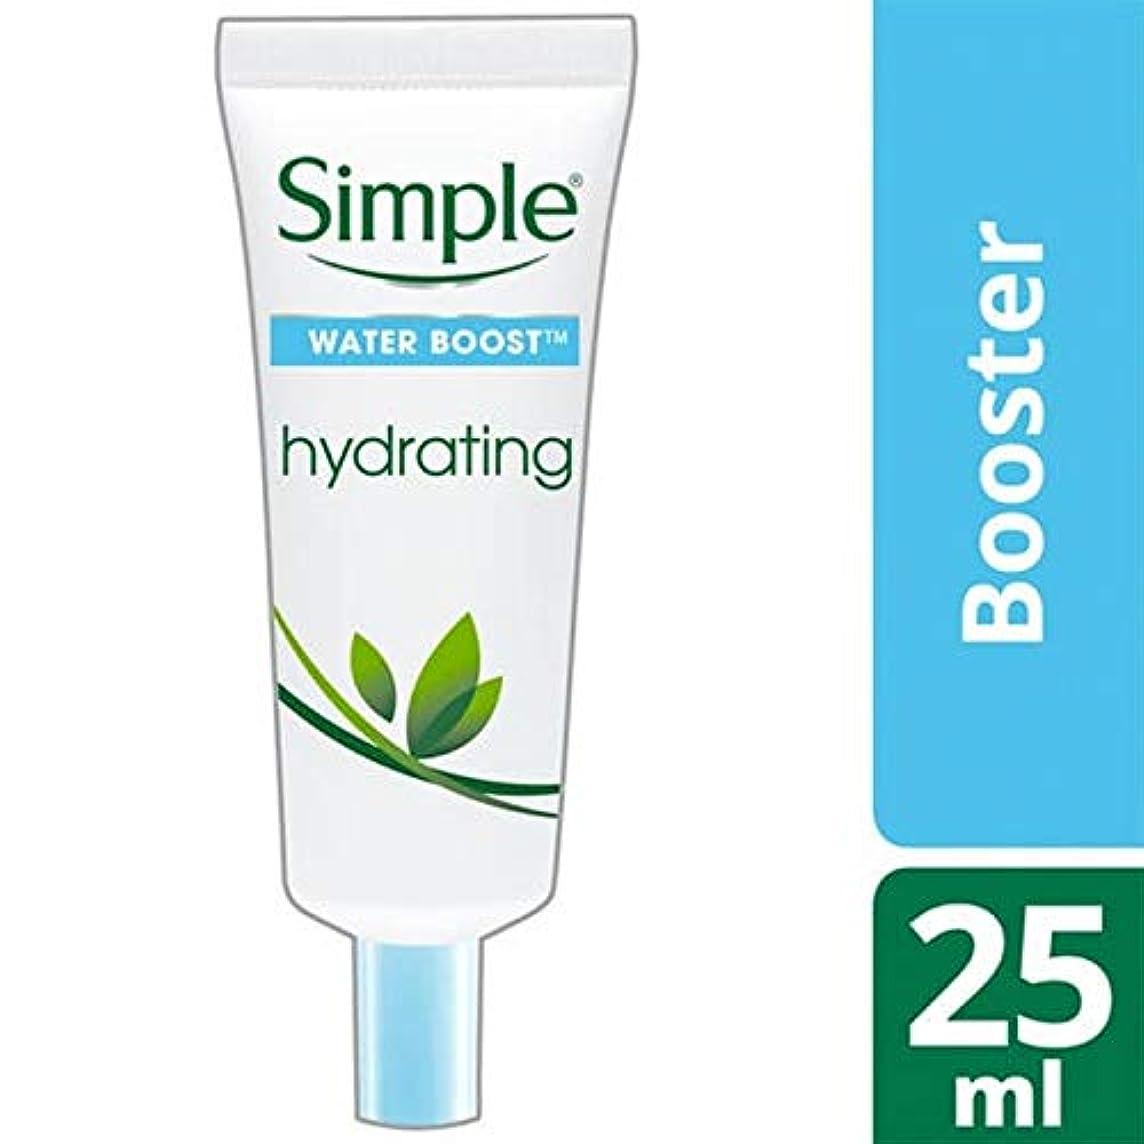 落ち着かない平方ライム[Simple ] シンプルな水ブースト水和ブースター25ミリリットル - Simple Water Boost Hydrating Booster 25ml [並行輸入品]